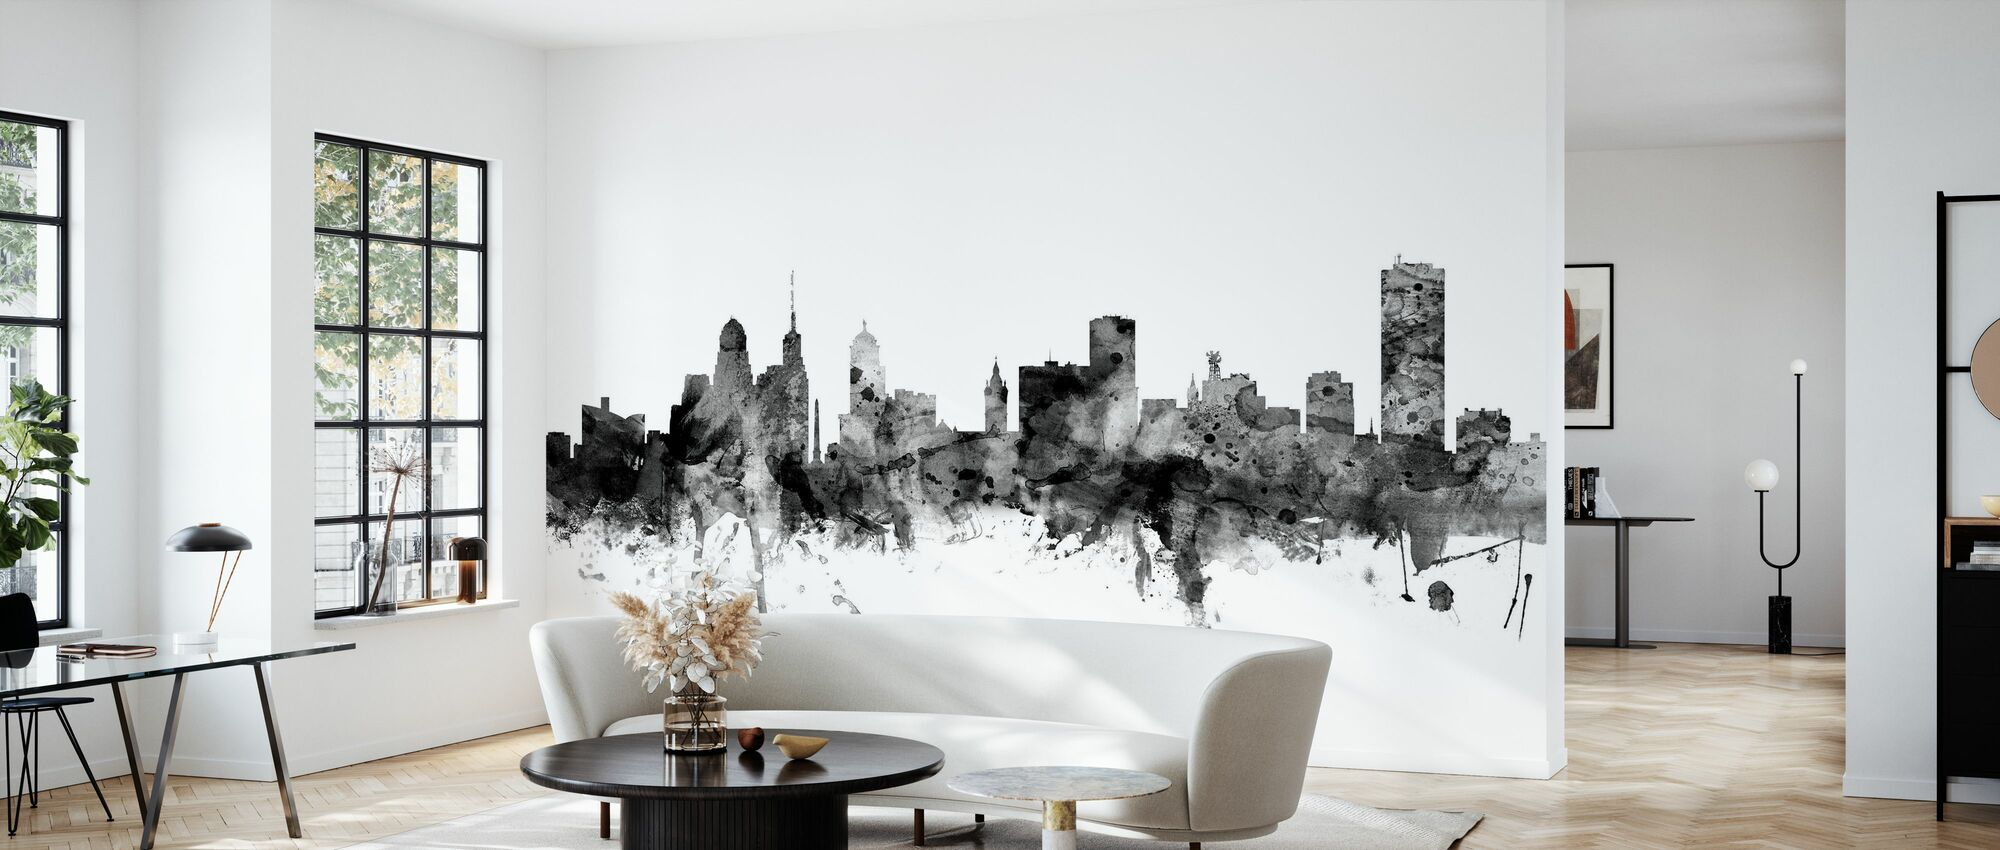 Buffalo New York Skyline Black - Wallpaper - Living Room